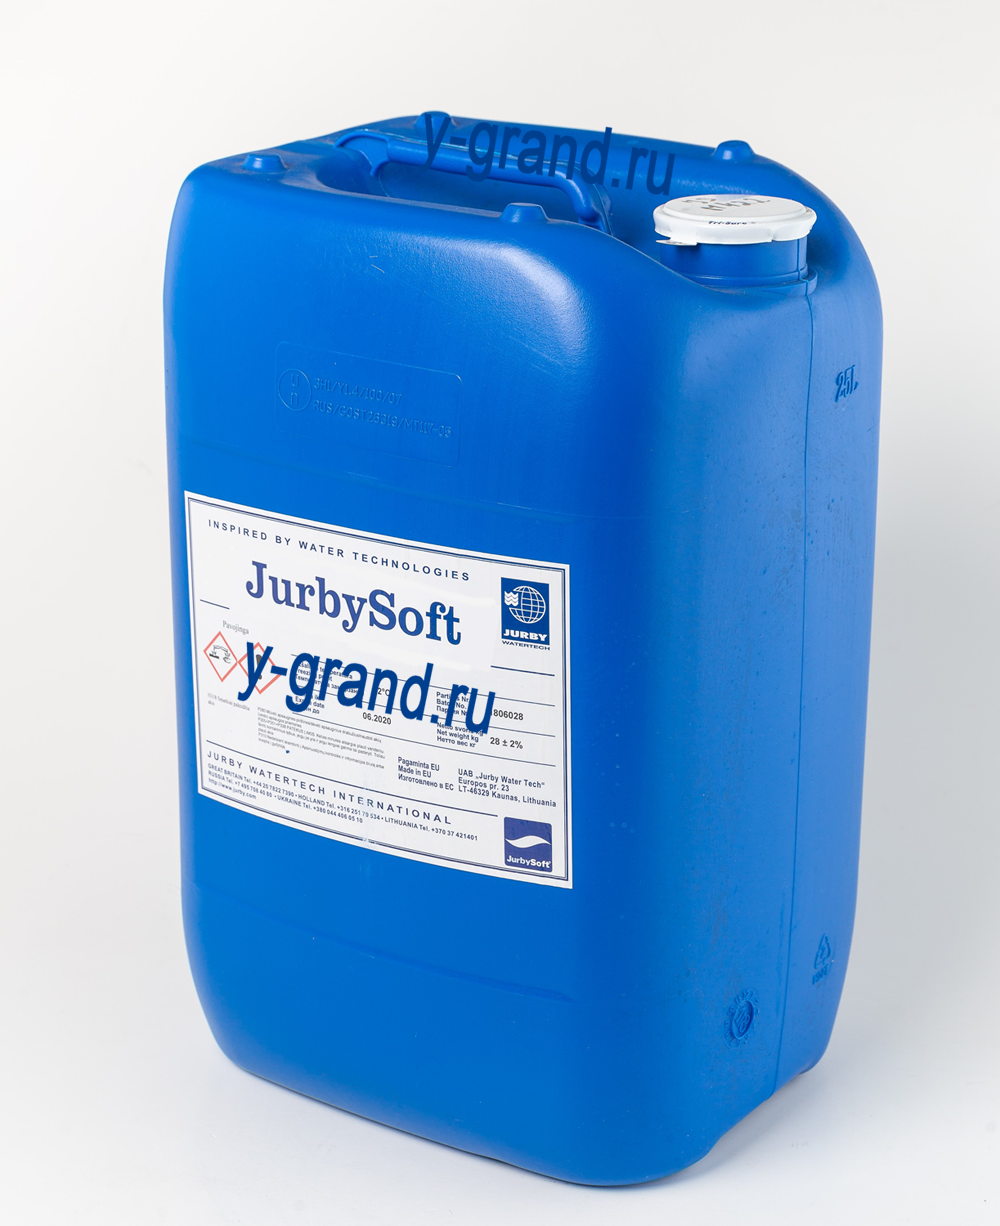 JurbySoft 36